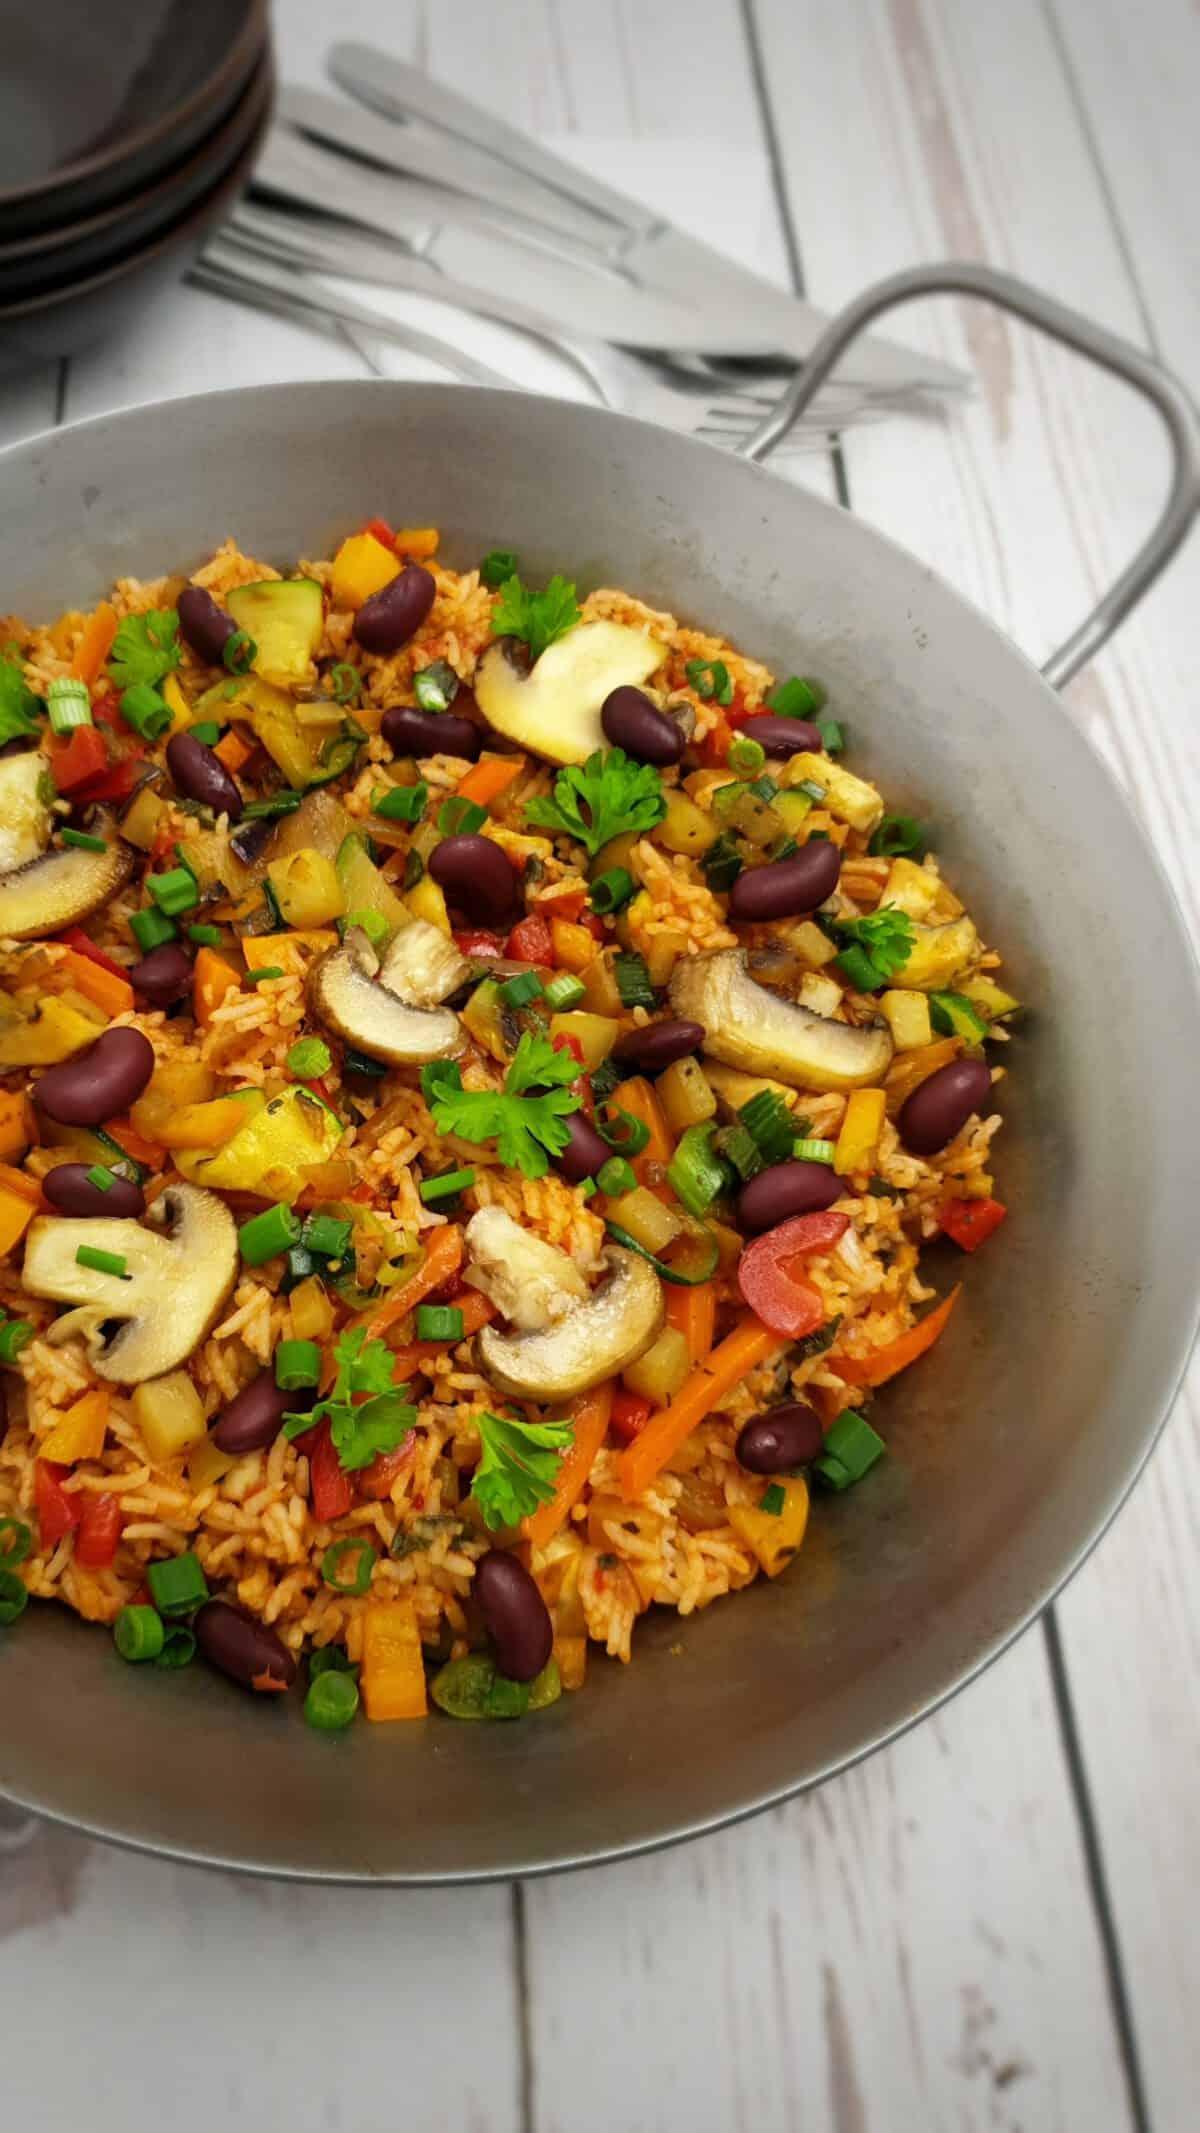 Vegetarische Gemüse-Pfanne mit Reis in einer gußeisernen Pfanne serviert.